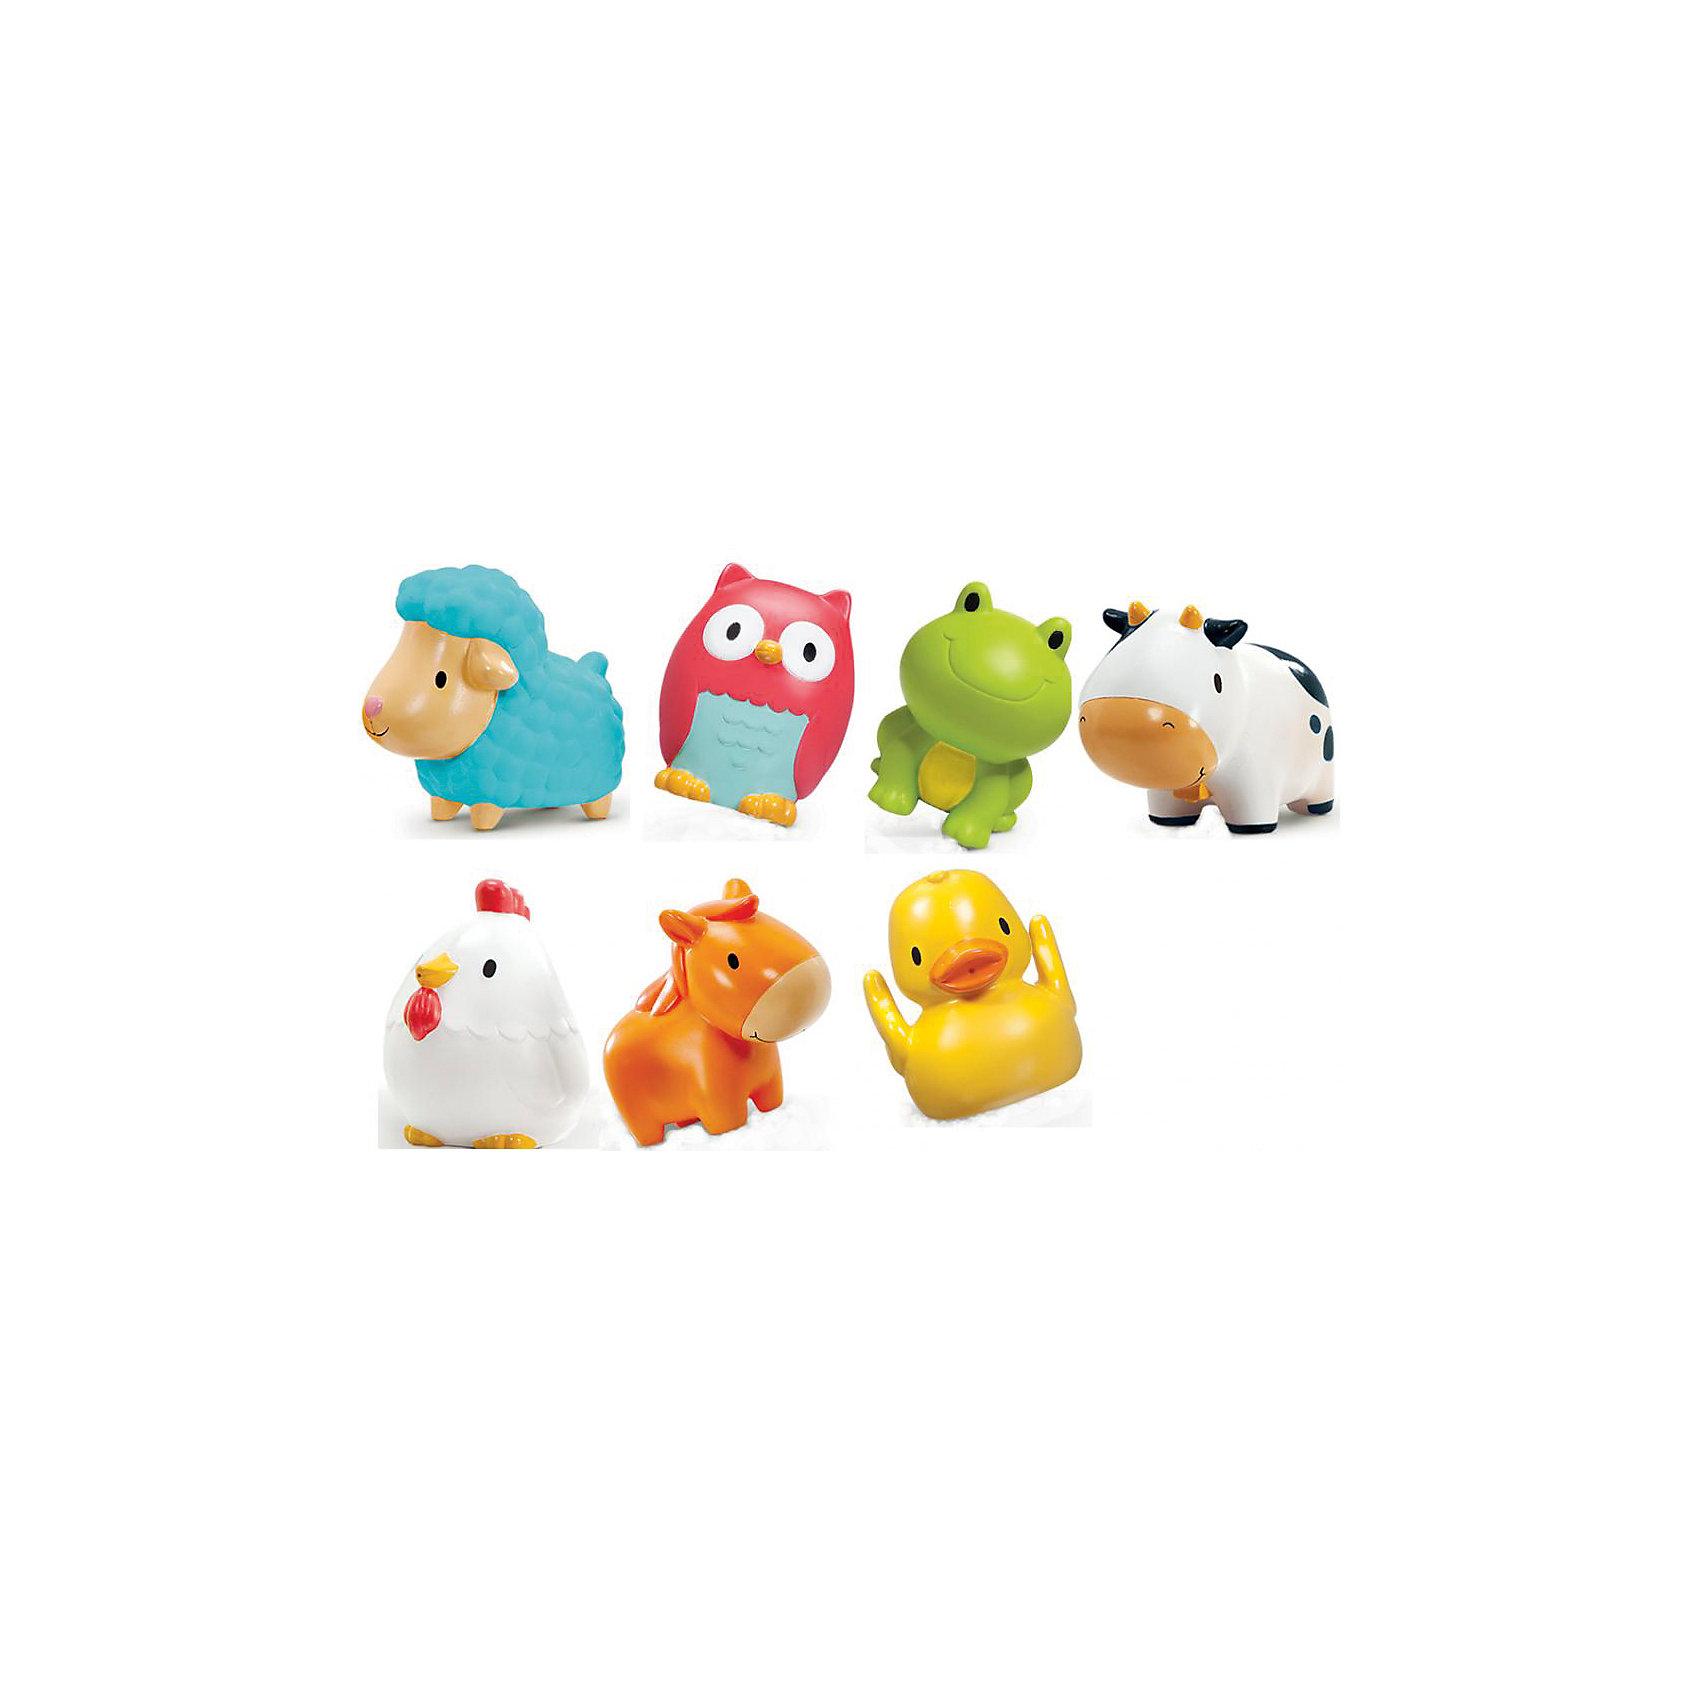 Игрушка для ванны Деревенские ферма9+, MunchkinИгрушки для ванны<br>Игрушка для ванны Деревенские ферма9+, Munchkin (Манчкин) - непременно понравится вашему малышу и превратит купание в веселую игру!<br>Веселые зверята не оставят равнодушным ни одного малыша - теперь купание будет доставлять только удовольствие! В наборе семь игрушек-брызгалок в виде очаровательных животных живущих на ферме. Яркие забавные зверюшки имеют подходящий для малыша размер и форму. Он сможет легко удерживать в ручках фигурки животных и сжимать их. Игрушки развивают мелкую моторику рук. Миссия Munchkin (Манчкин), американской компании с 20-летней историей: избавить мир от надоевших и прозаических товаров, искать умные инновационные решения, которые превращает обыденные задачи в опыт, приносящий удовольствие. Понимая, что наибольшее значение в быту имеют именно мелочи, компания создает уникальные товары, которые помогают поддерживать порядок, организовывать пространство, облегчают уход за детьми – недаром компания имеет уже более 140 патентов и изобретений, используемых в создании ее неповторимой и оригинальной продукции. Munchkin (Манчкин) делает жизнь родителей легче!<br><br>Дополнительная информация:<br><br>- Для детей с 9 месяцев<br>- В наборе: семь игрушек-брызгалок для ванны<br>- Материал: резина<br>- Не содержат Бисфенол А<br>- Размер упаковки: 9х28х9 см.<br>- Вес: 250 гр.<br><br>Игрушку для ванны Деревенские ферма9+, Munchkin (Манчкин) можно купить в нашем интернет-магазине.<br><br>Ширина мм: 90<br>Глубина мм: 280<br>Высота мм: 90<br>Вес г: 250<br>Возраст от месяцев: 9<br>Возраст до месяцев: 36<br>Пол: Унисекс<br>Возраст: Детский<br>SKU: 4701930